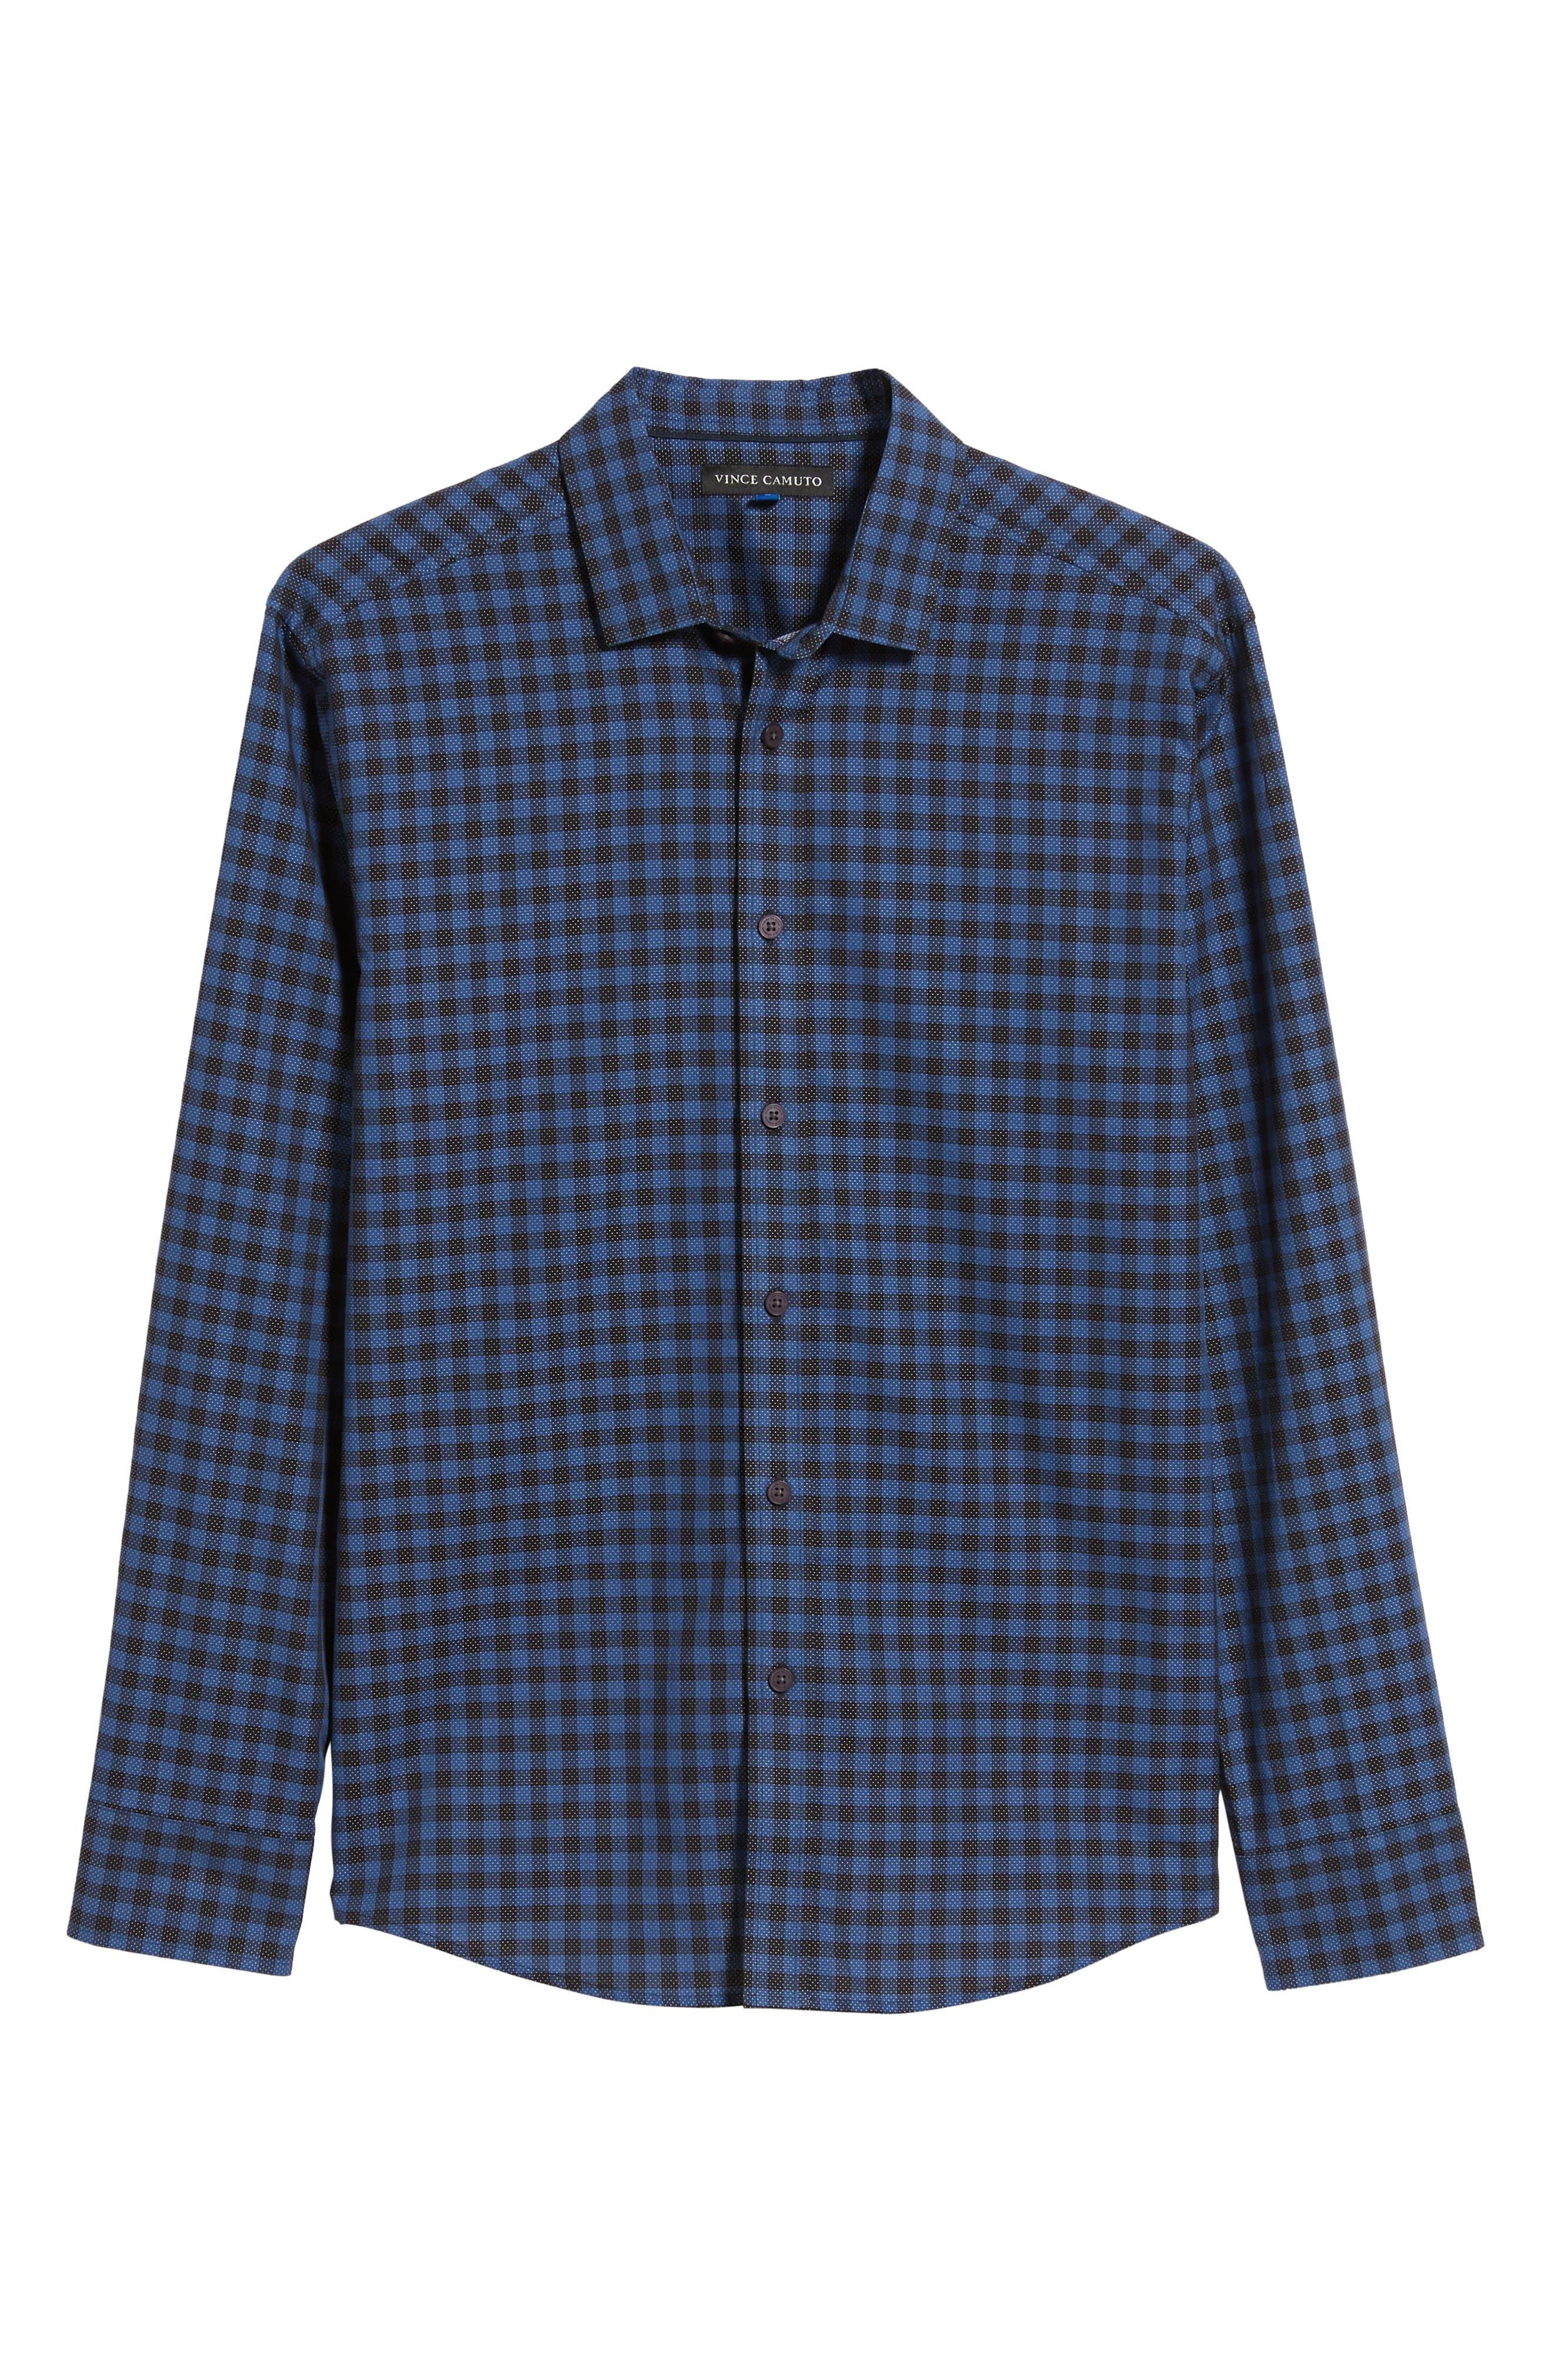 Long Sleeve Check & Dobby Sport Shirt,                             Alternate thumbnail 5, color,                             BLUE BLACK CHECK WHITE DOBBY